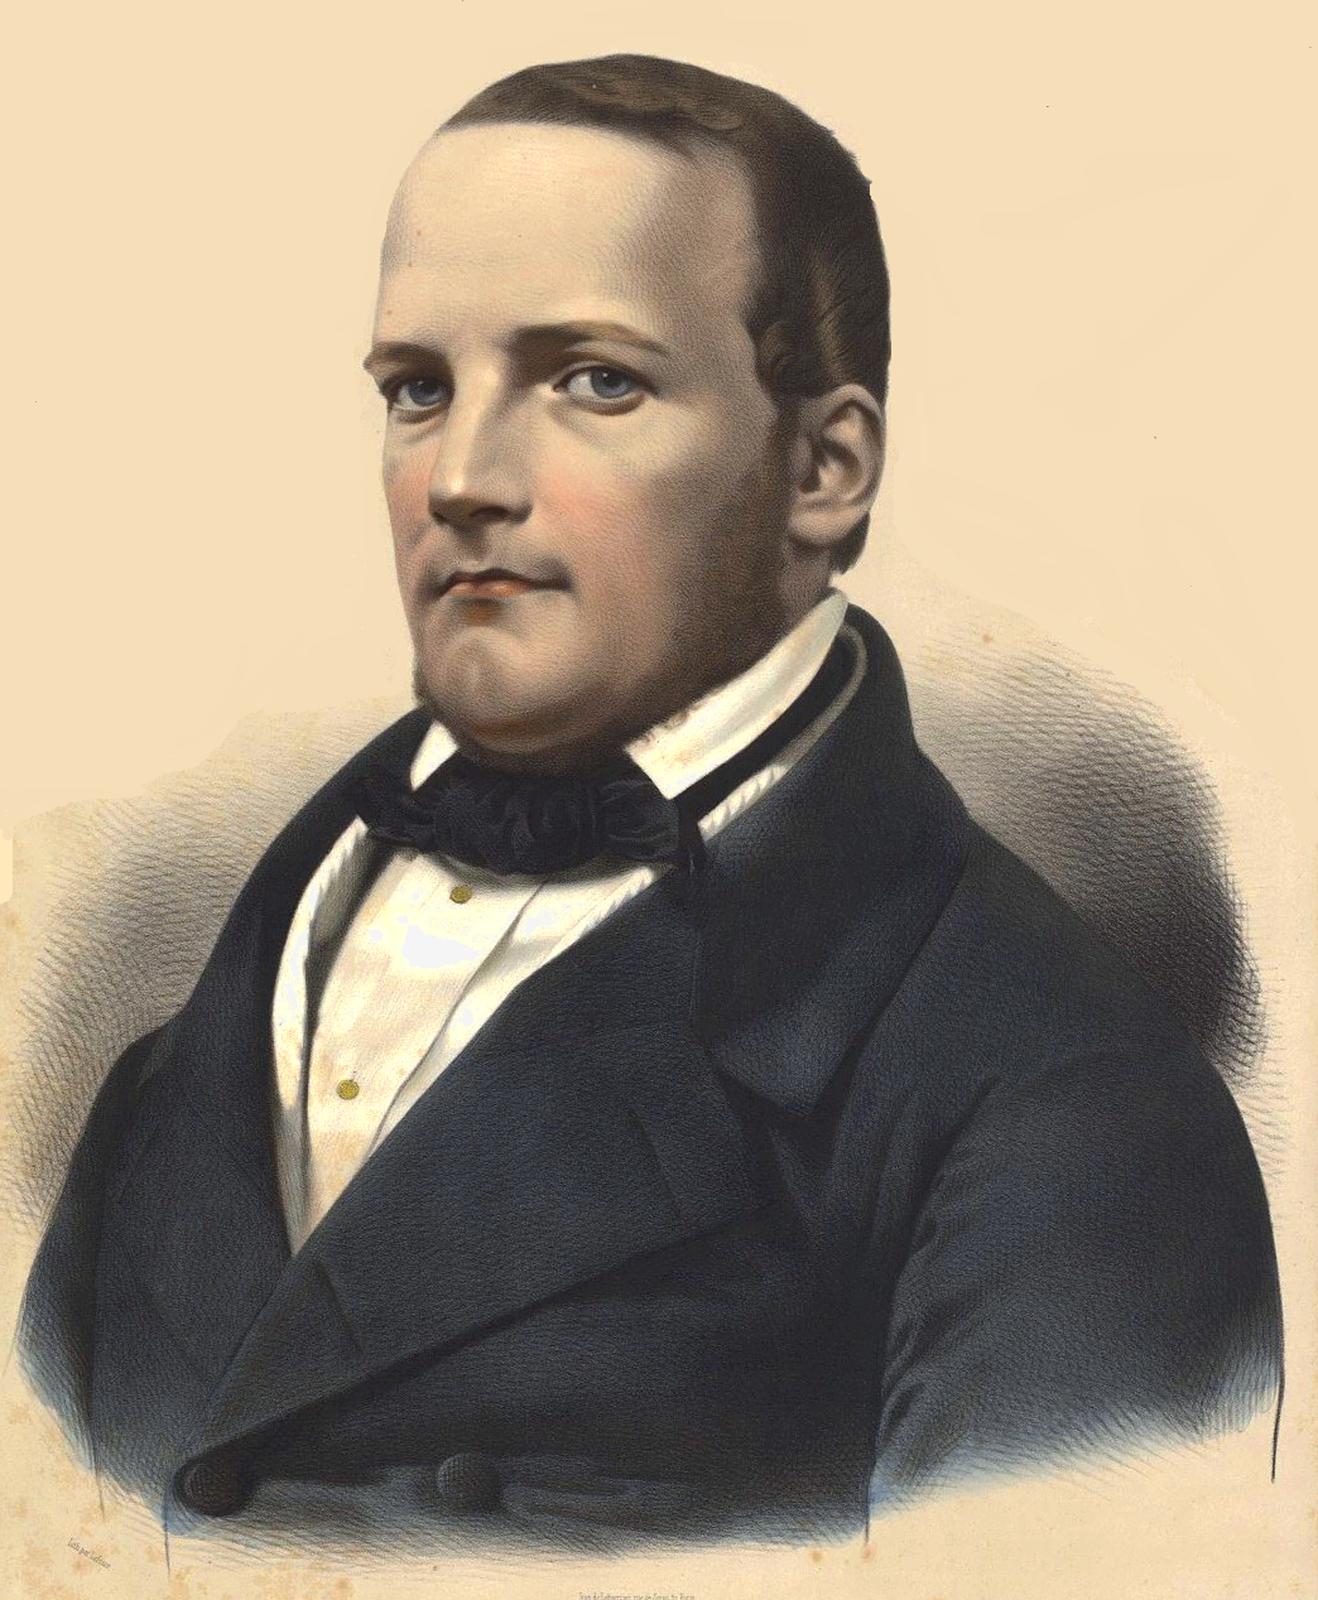 Ilustracja przedstawia portret Stanisława Moniuszko. Mężczyzna wśrednim wieku, wzrok ma skierowany na widza. Moniuszko ma krótkie włosy, ubrany jest wgranatową marynarkę ibiałą koszulę. Kompozytor ma charakterystyczny głęboki dołek wbrodzie.